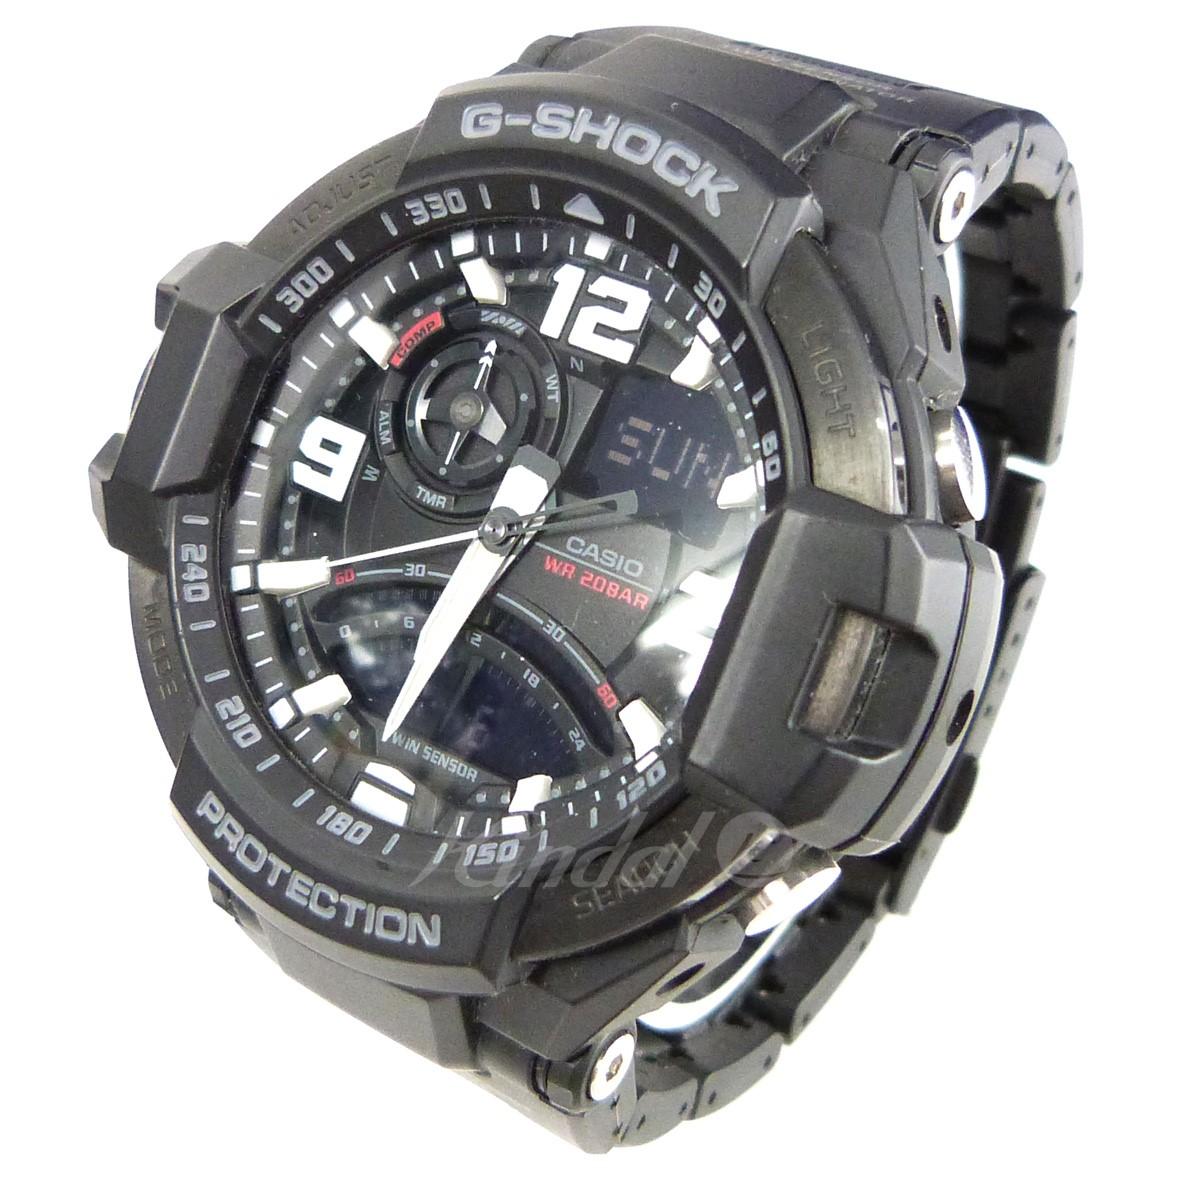 【中古】CASIO G-SHOCK GA-1000FC「SKY COCKPIT」腕時計 【送料無料】 【172752】 【KIND1641】